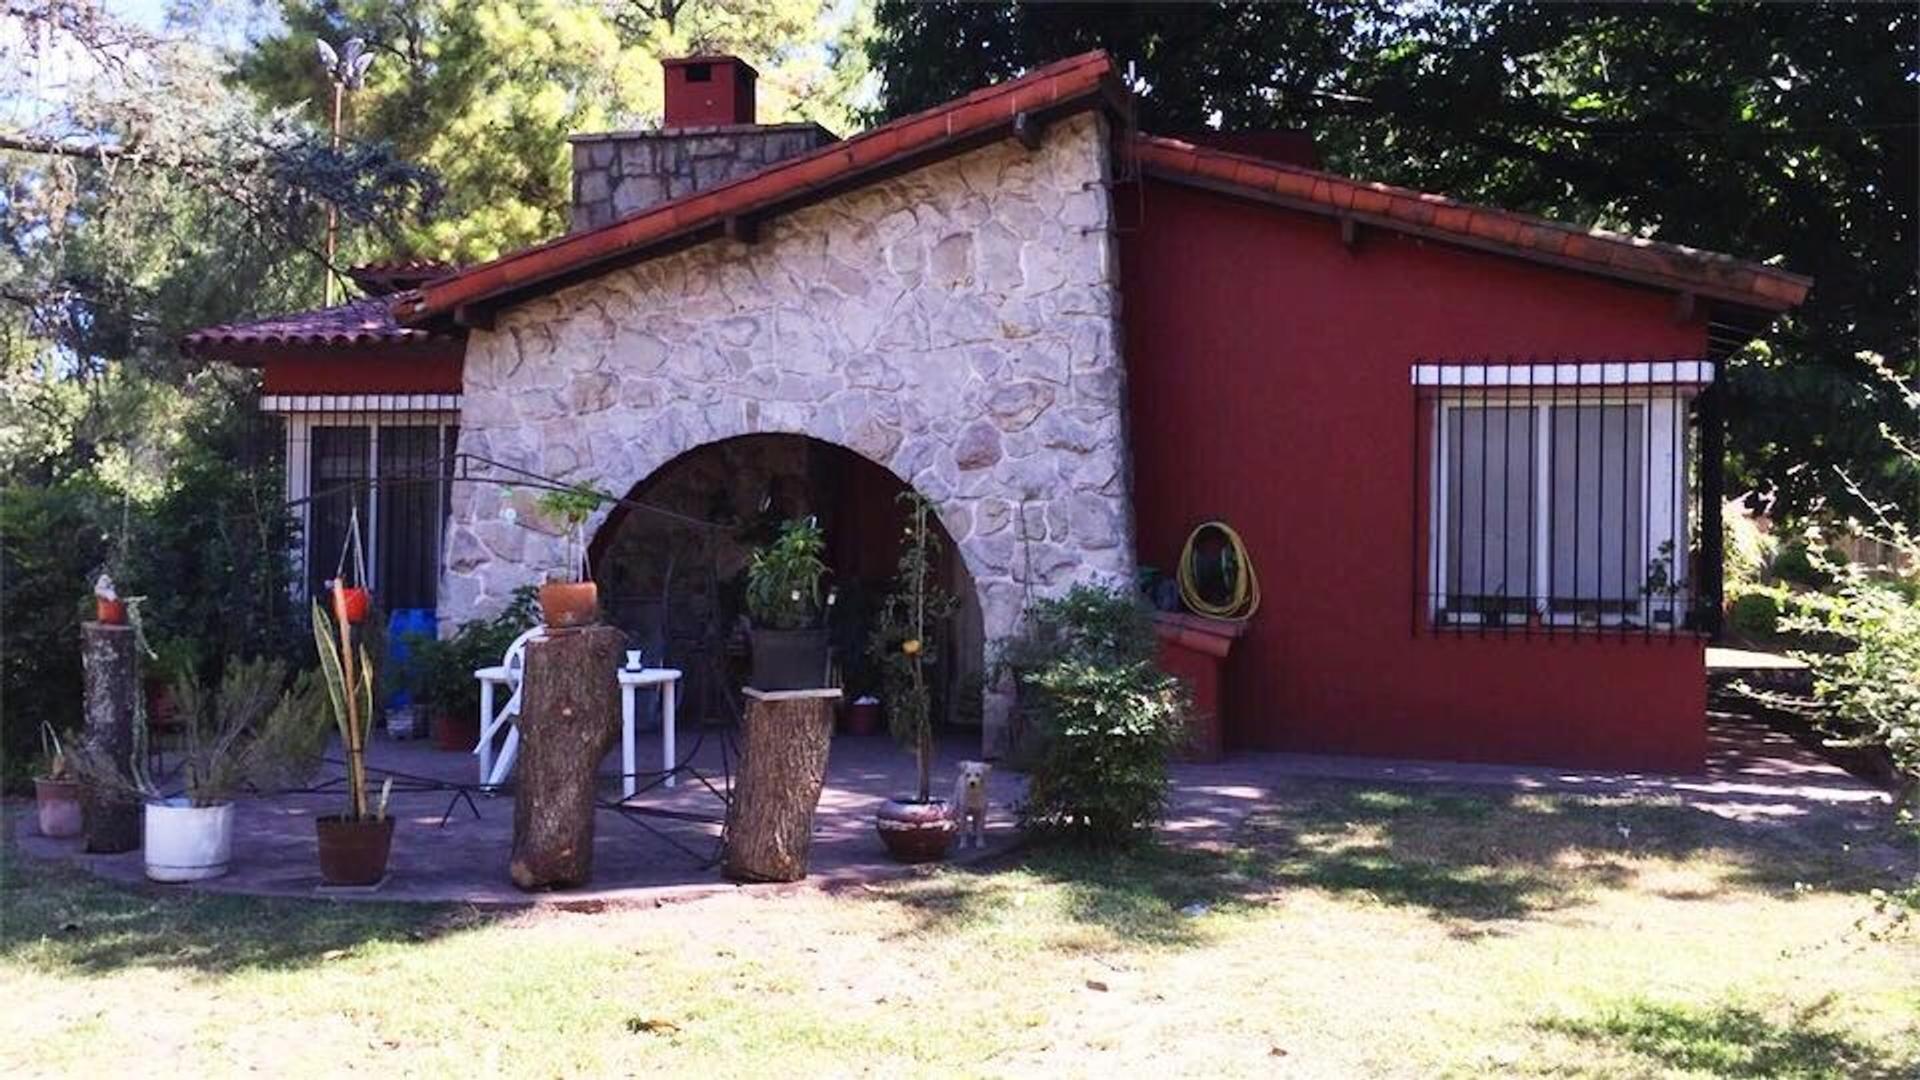 Quinta en Francisco Alvarez, 2 ha, 3 casas 6 ambientes - 5 dormitorios - 4 baños - 2 cocheras